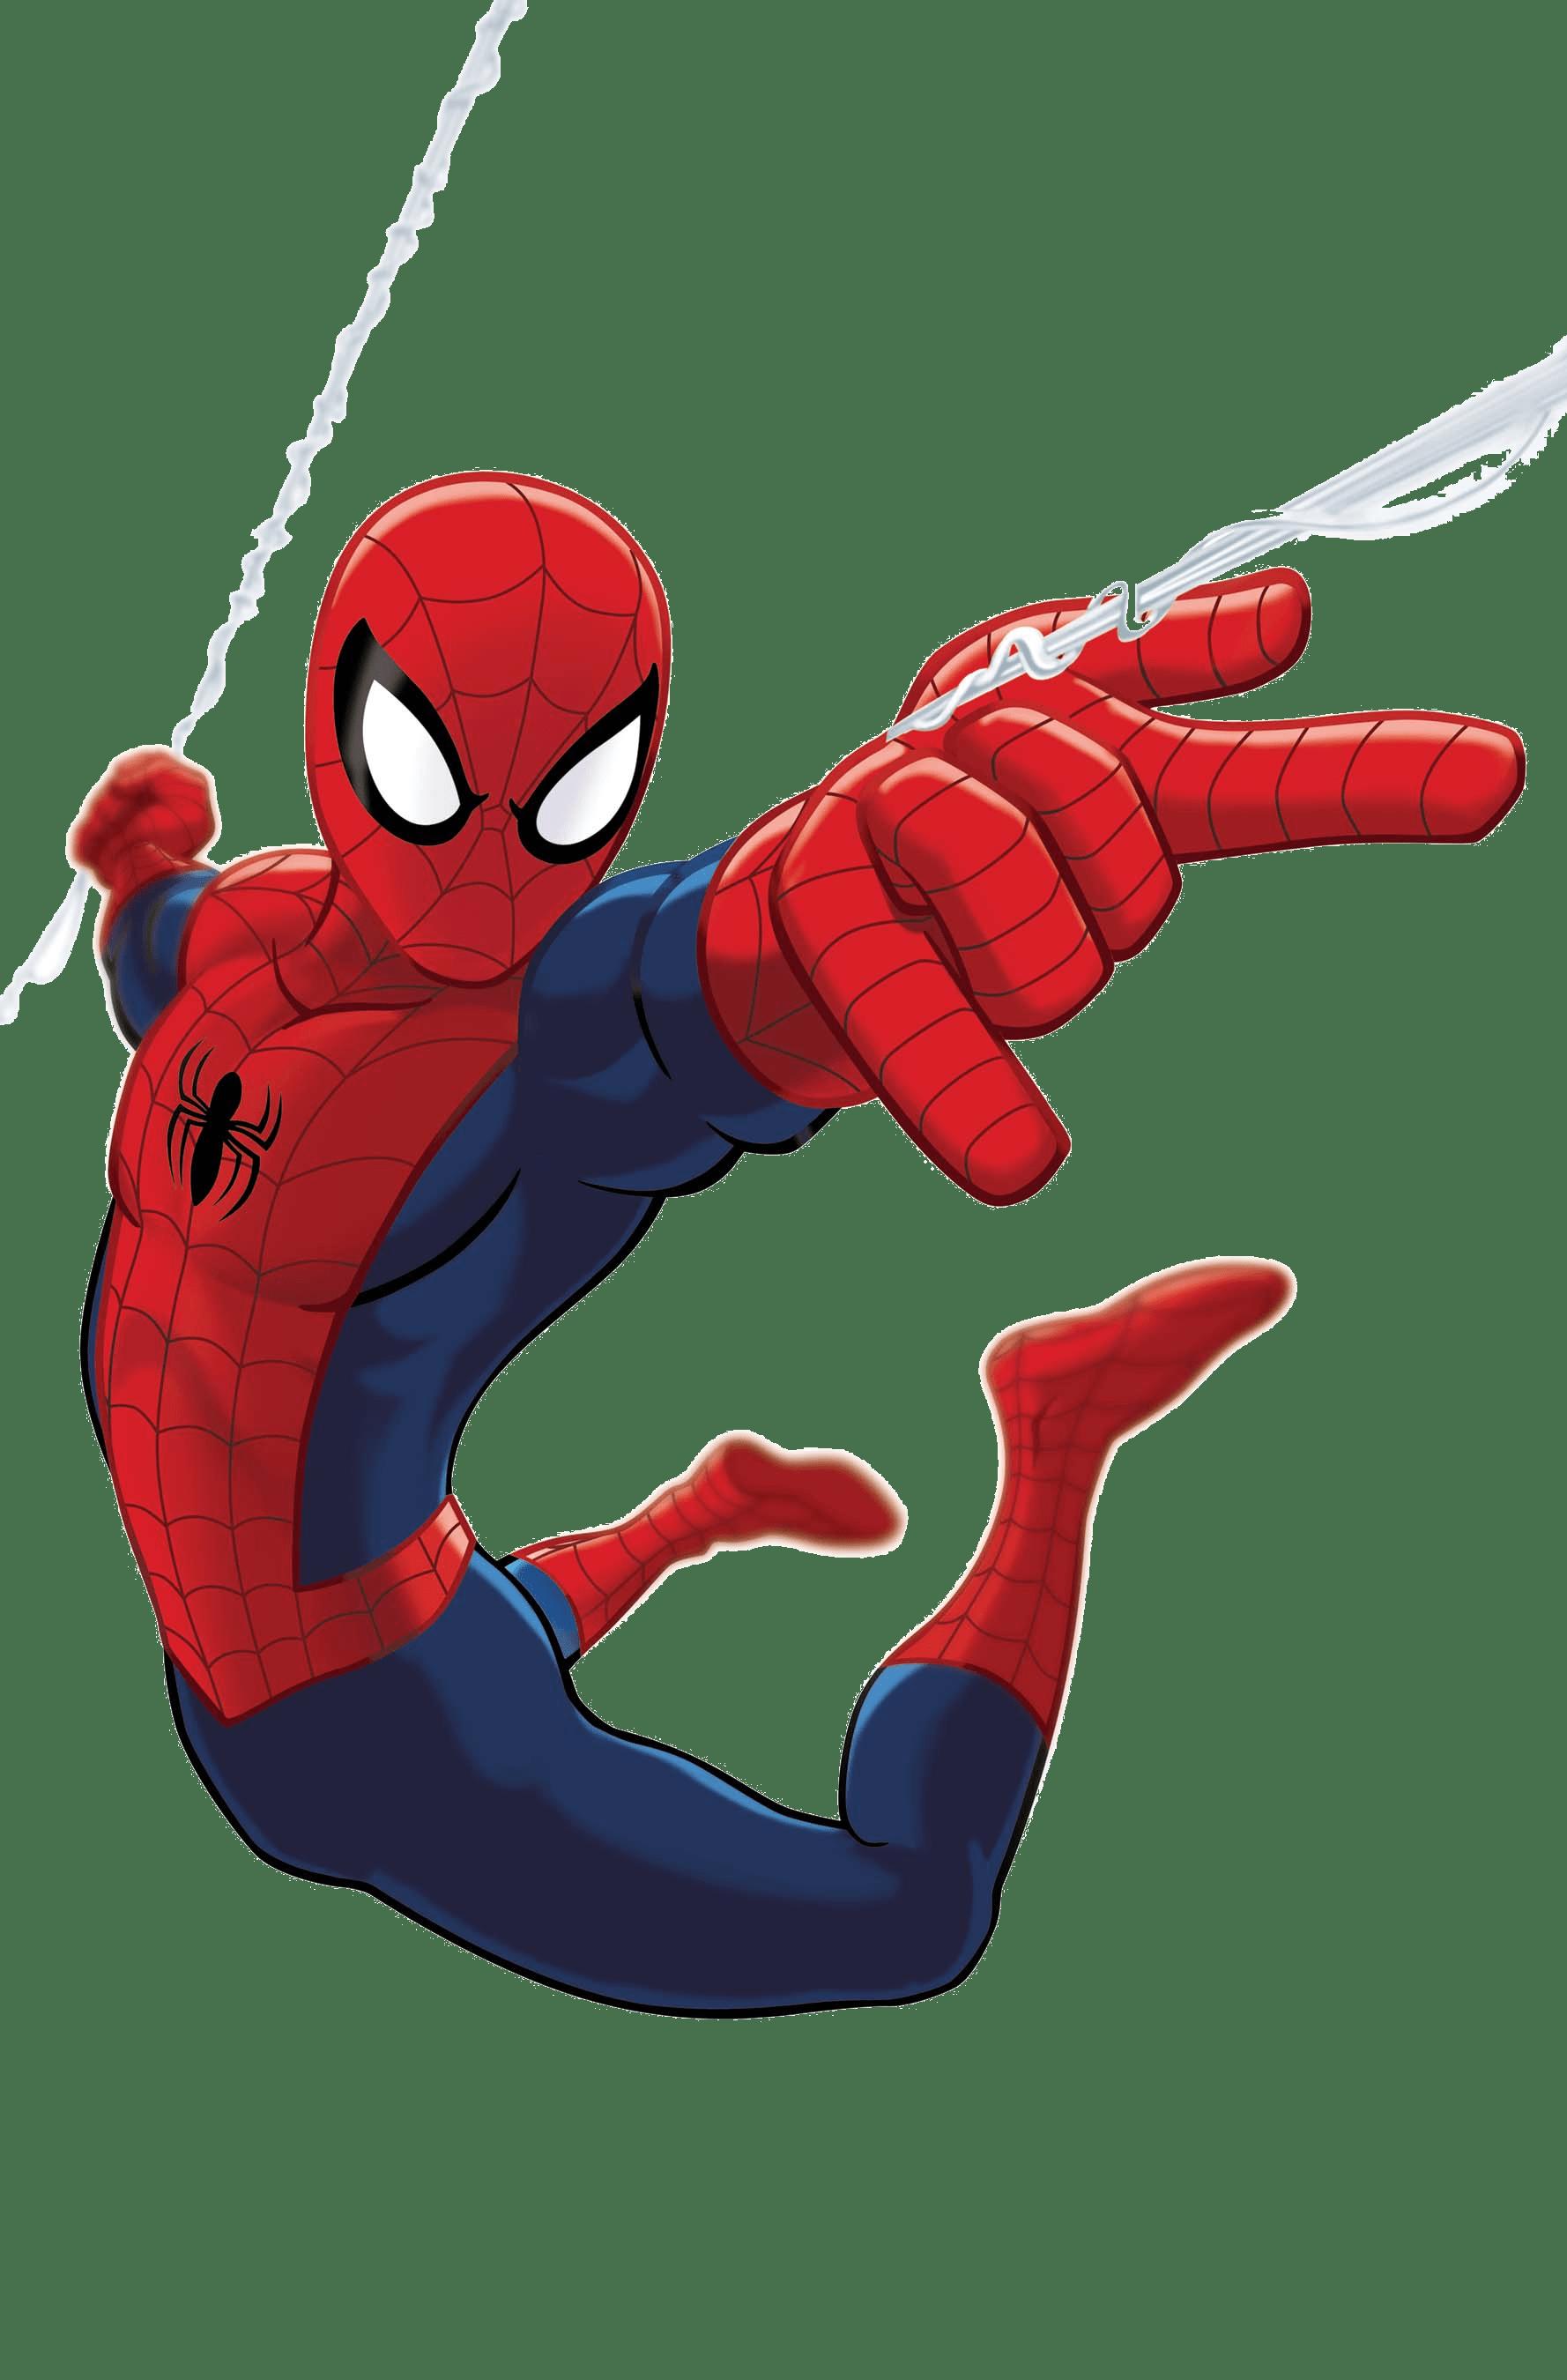 Spiderman Flying Between Buildings - Spider-Man PNG